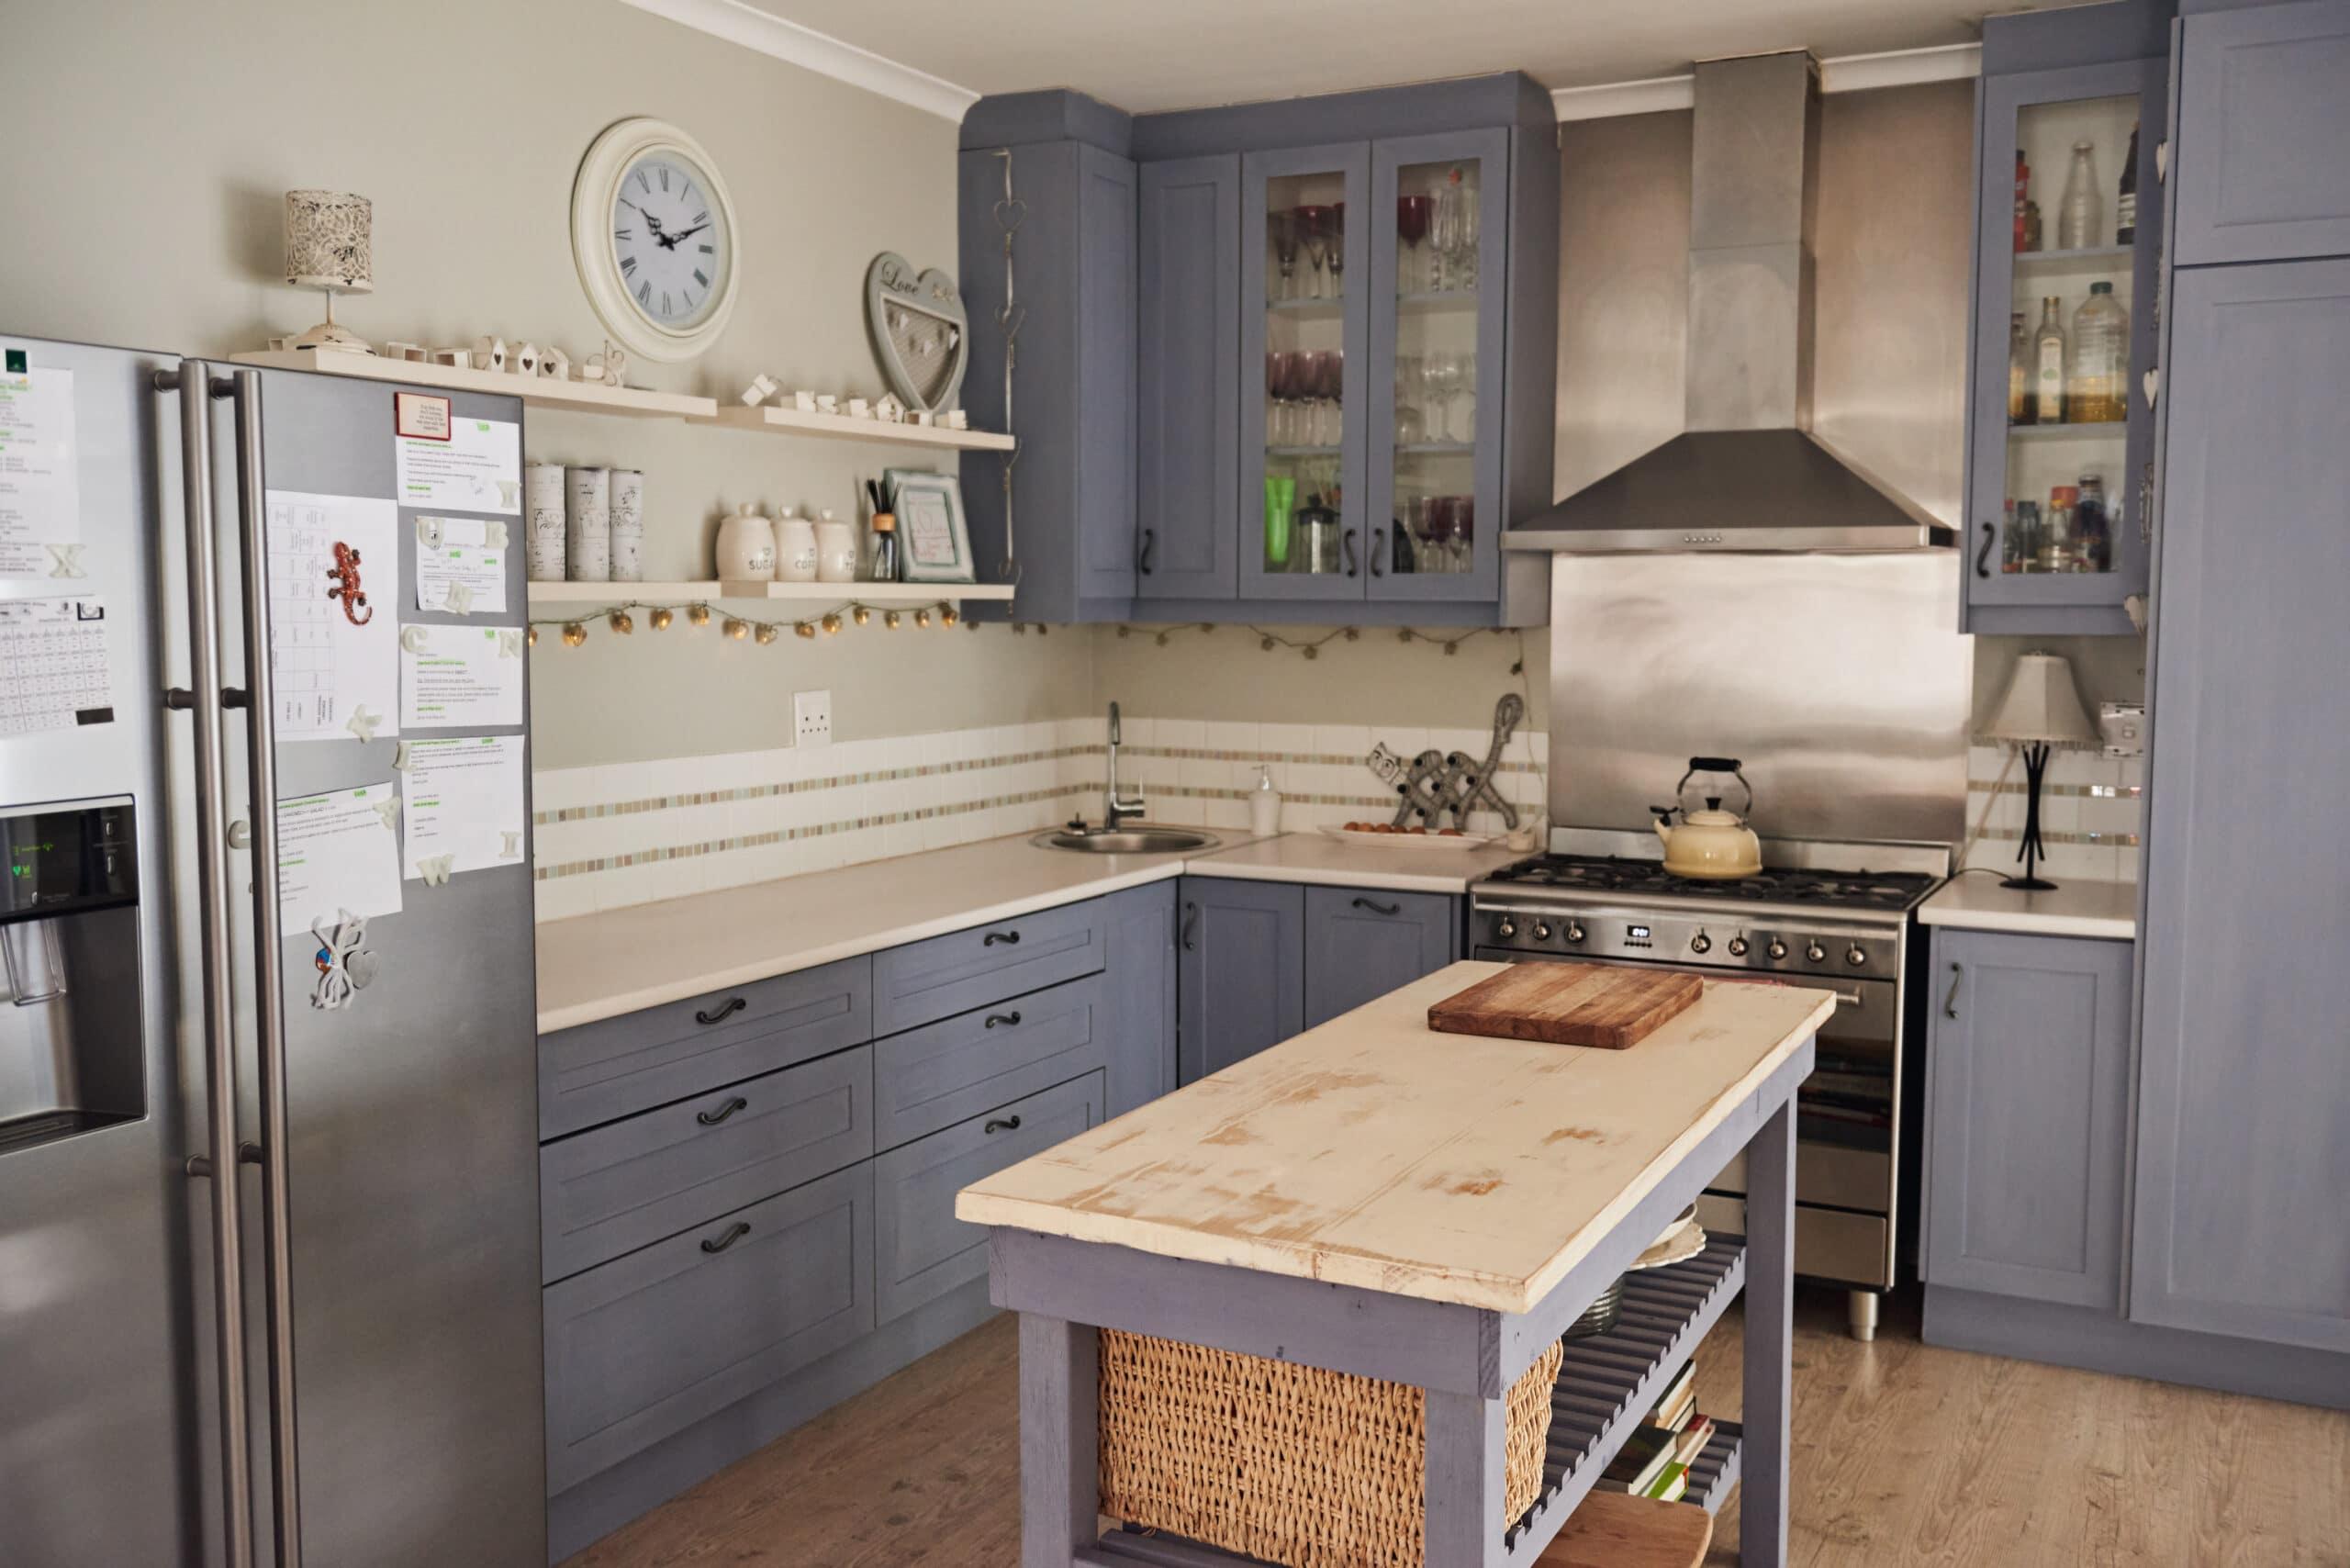 מטבח כפרי עם עיצוב אישי ובחירת צבע לארונות דגם 38 CB